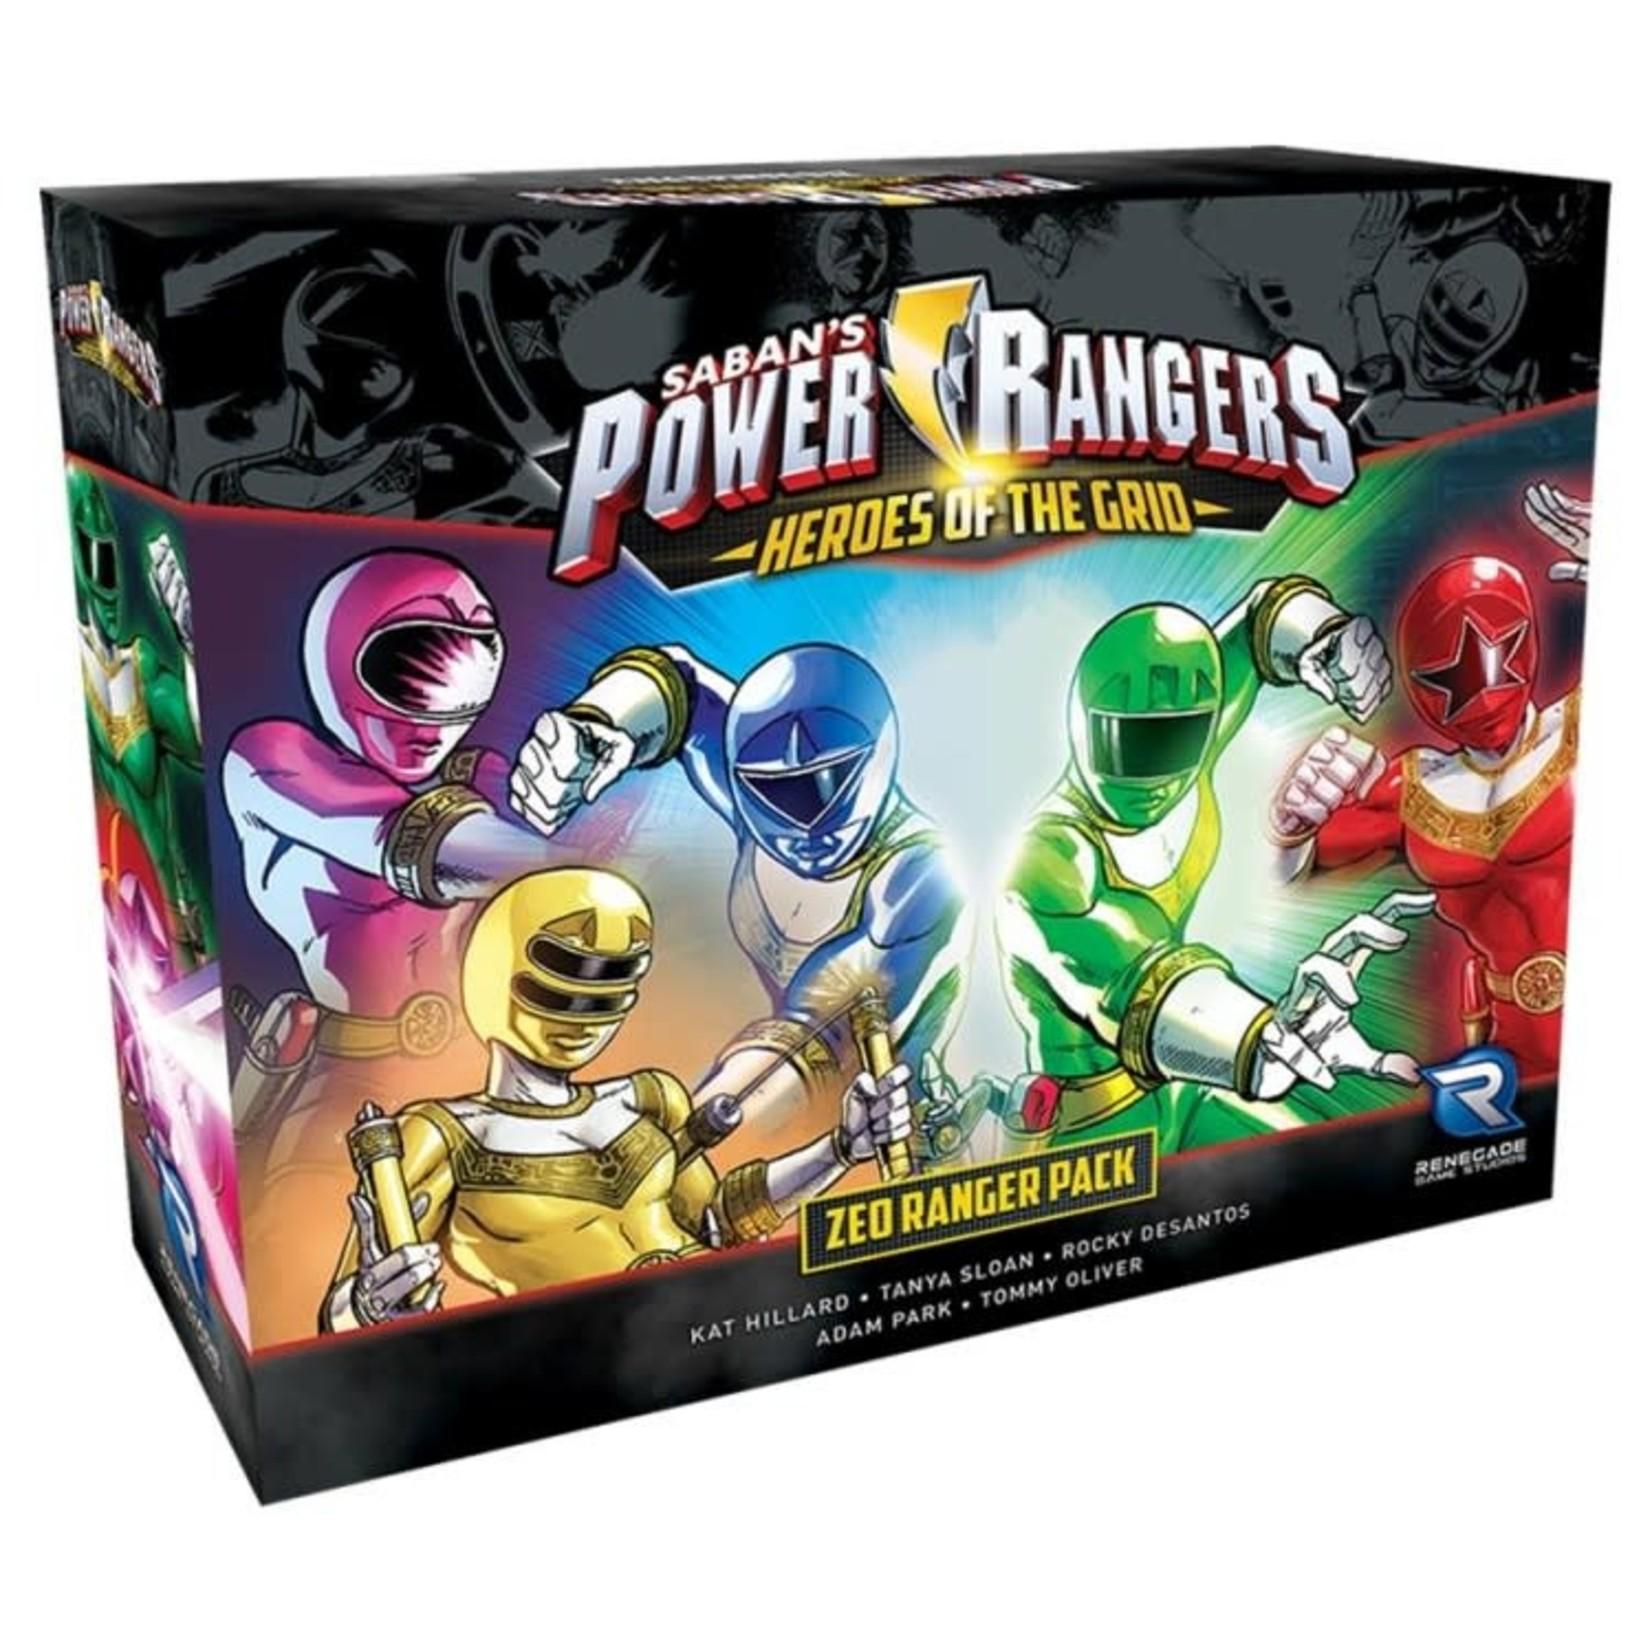 Renegade Power Rangers: Heroes of the Grid - Zeo Rangers Pack